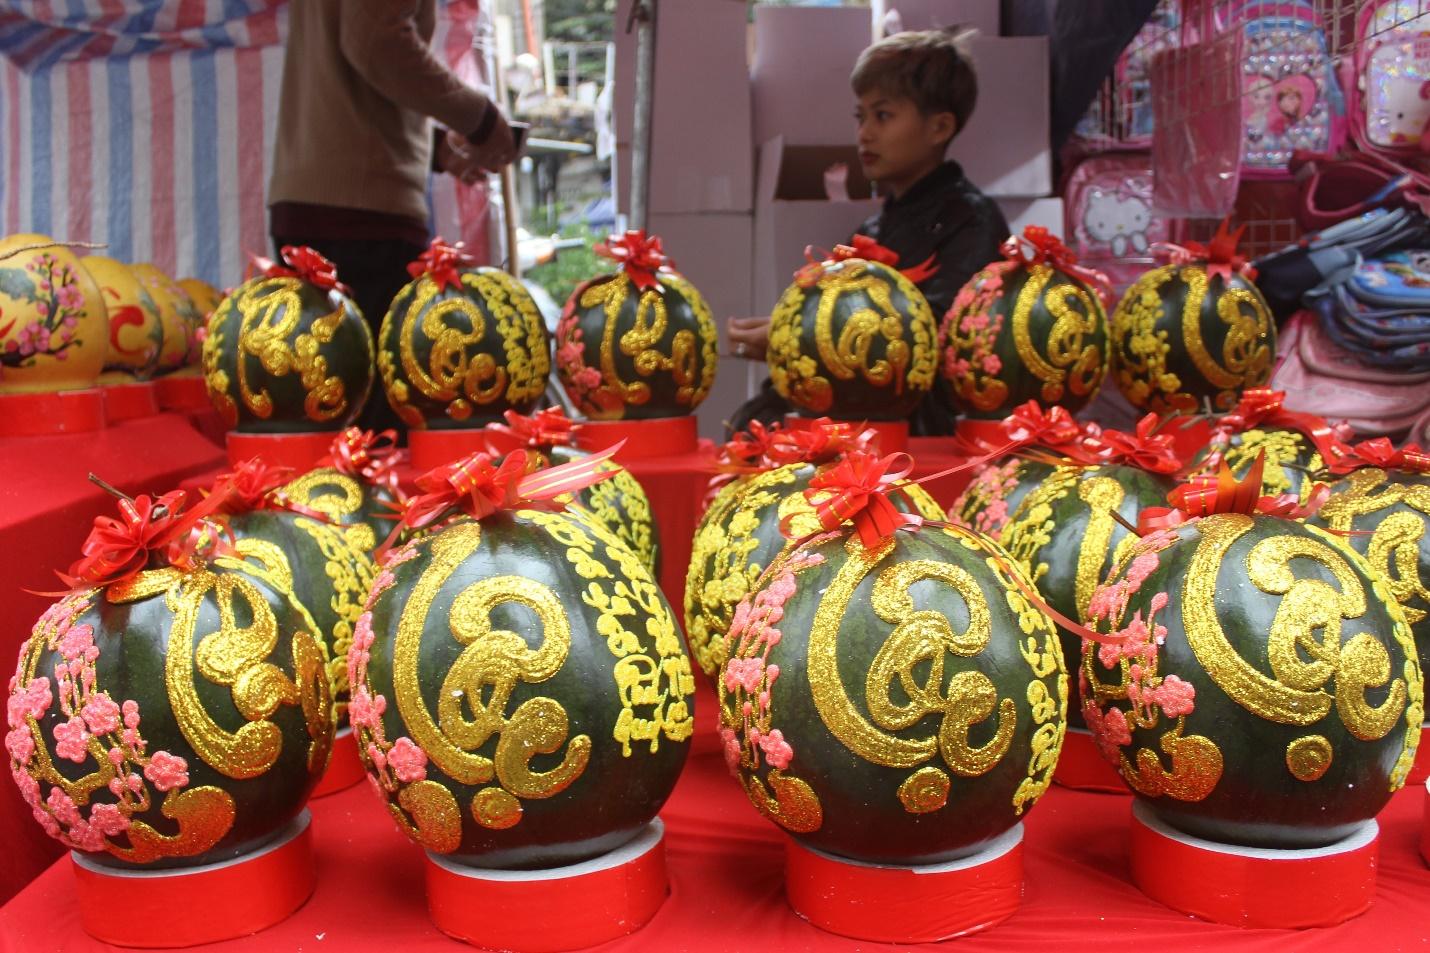 Người dân nô nức ghé thăm phiên chợ hoa Tết lâu đời nhất Hà Nội trong ngày rét ngọt  - Ảnh 13